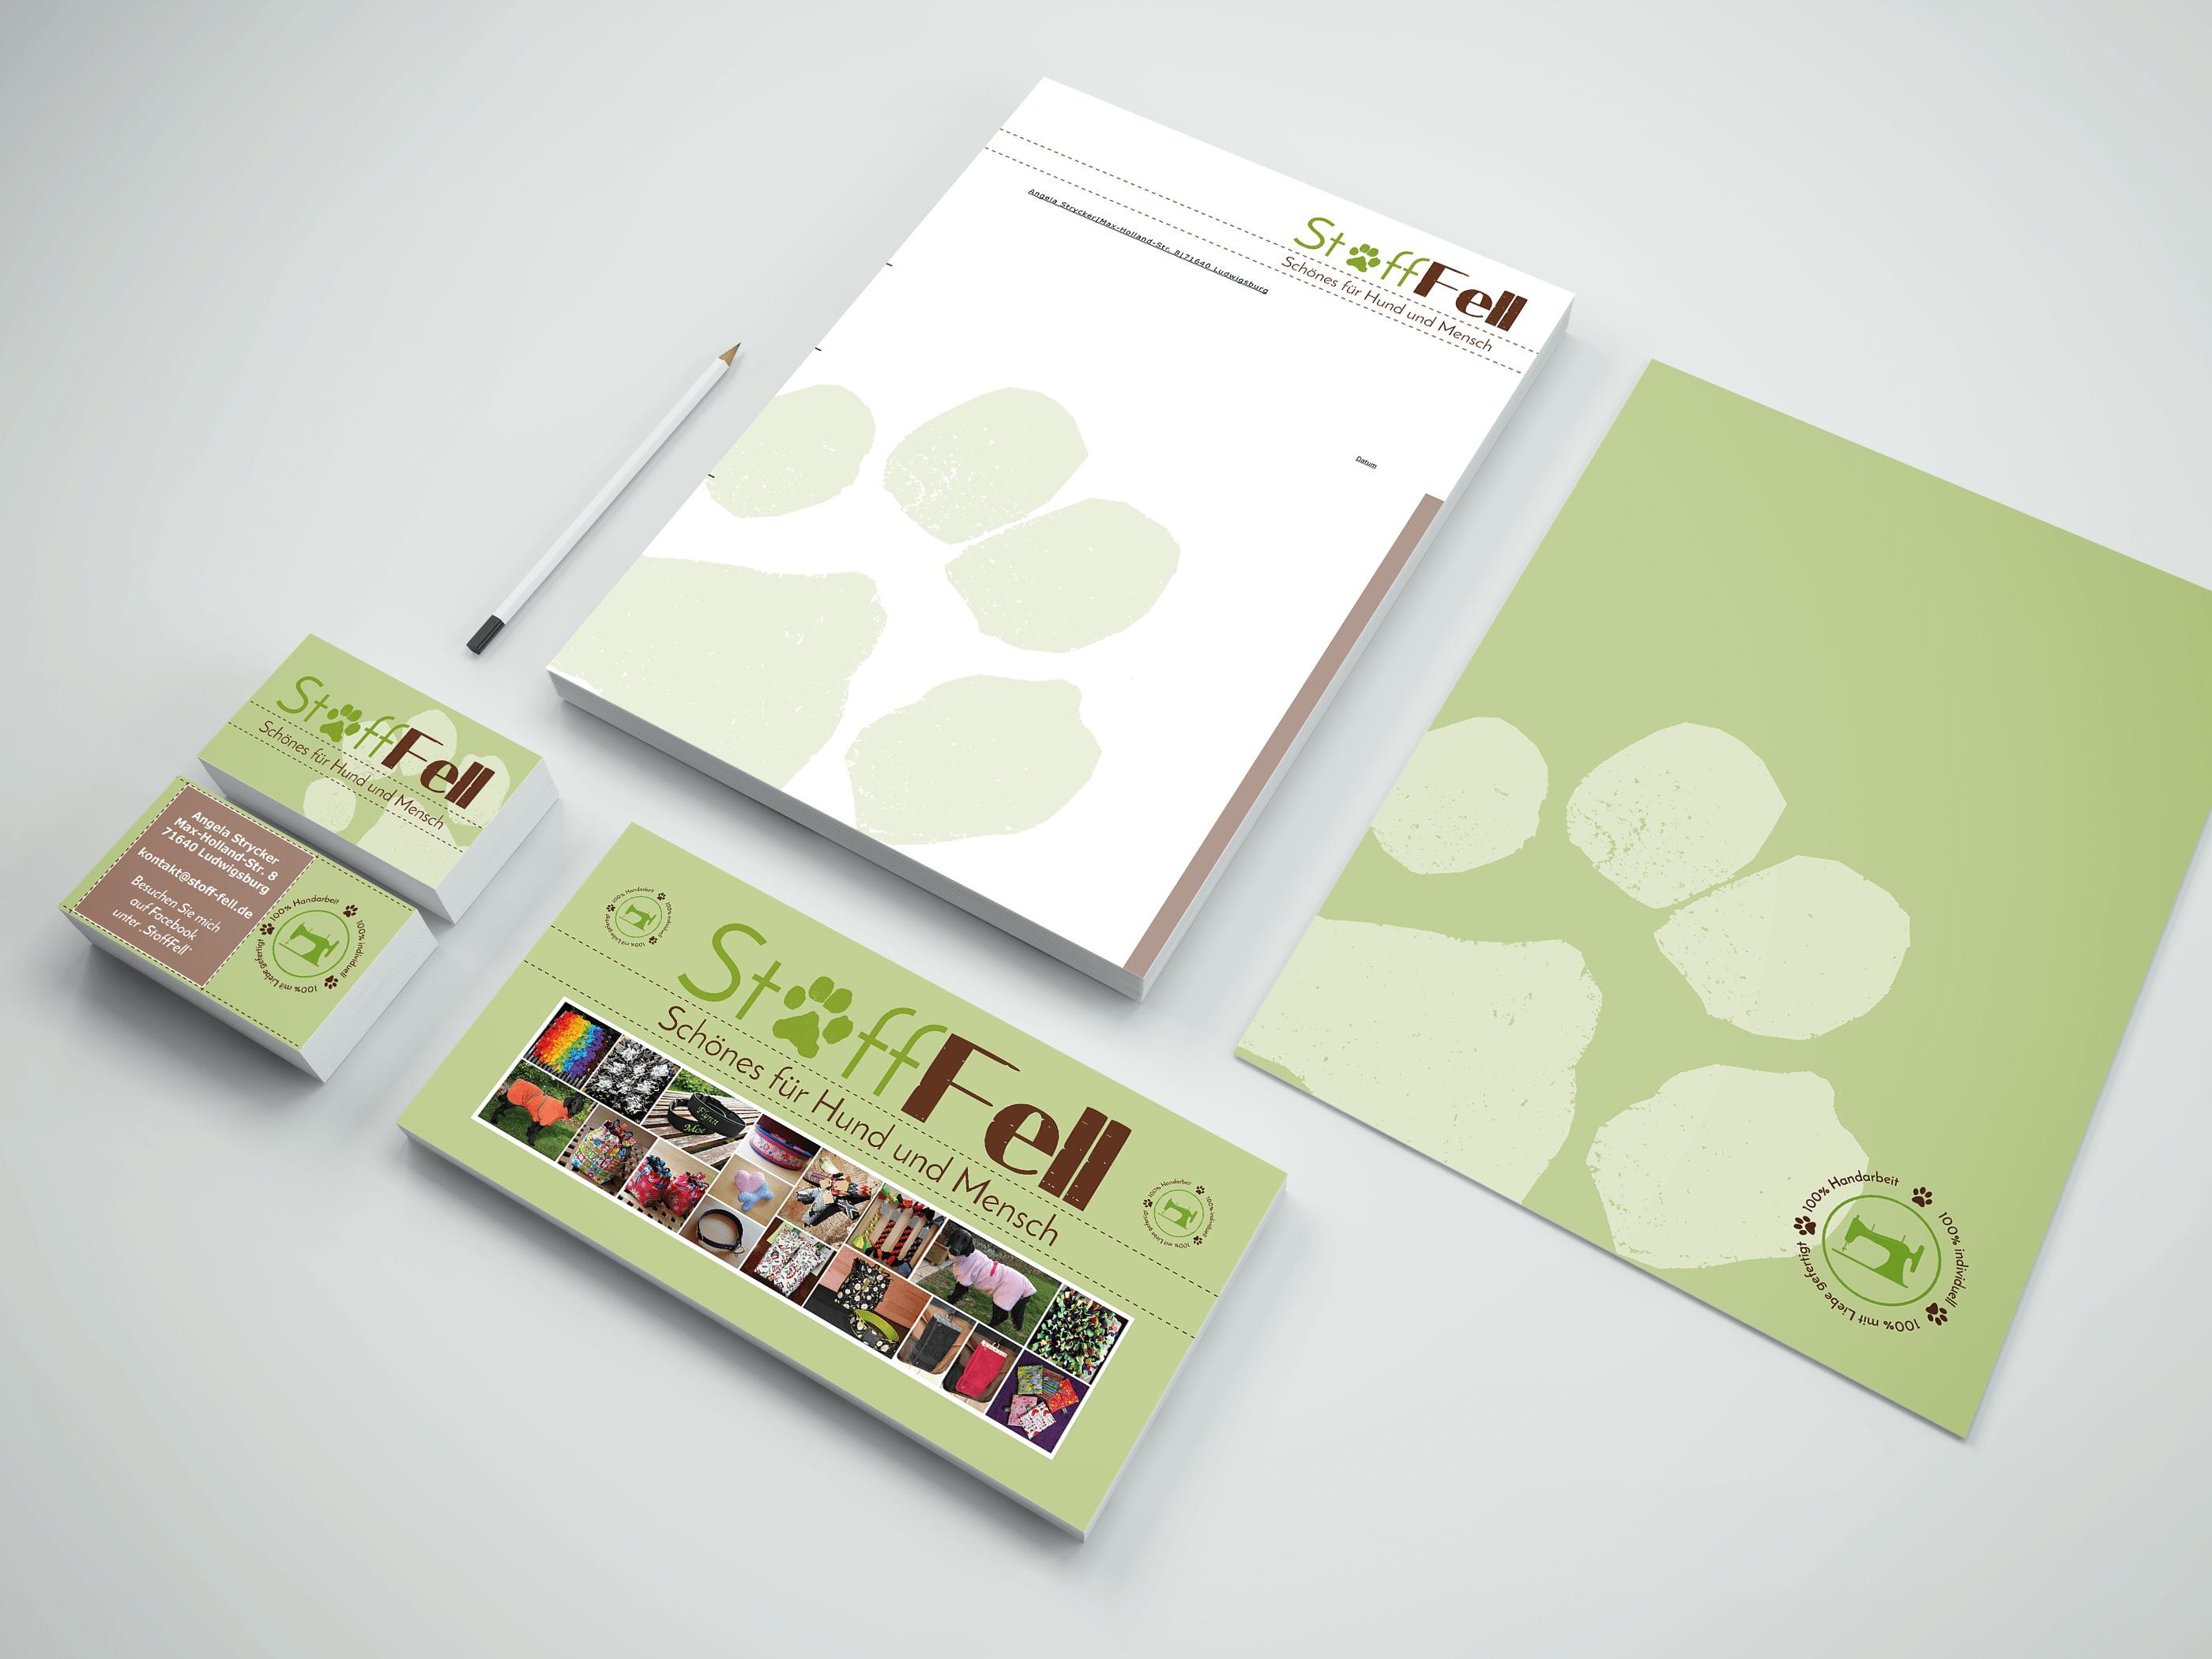 Visitenkarten, Flyer & Co. für 'StoffFell'